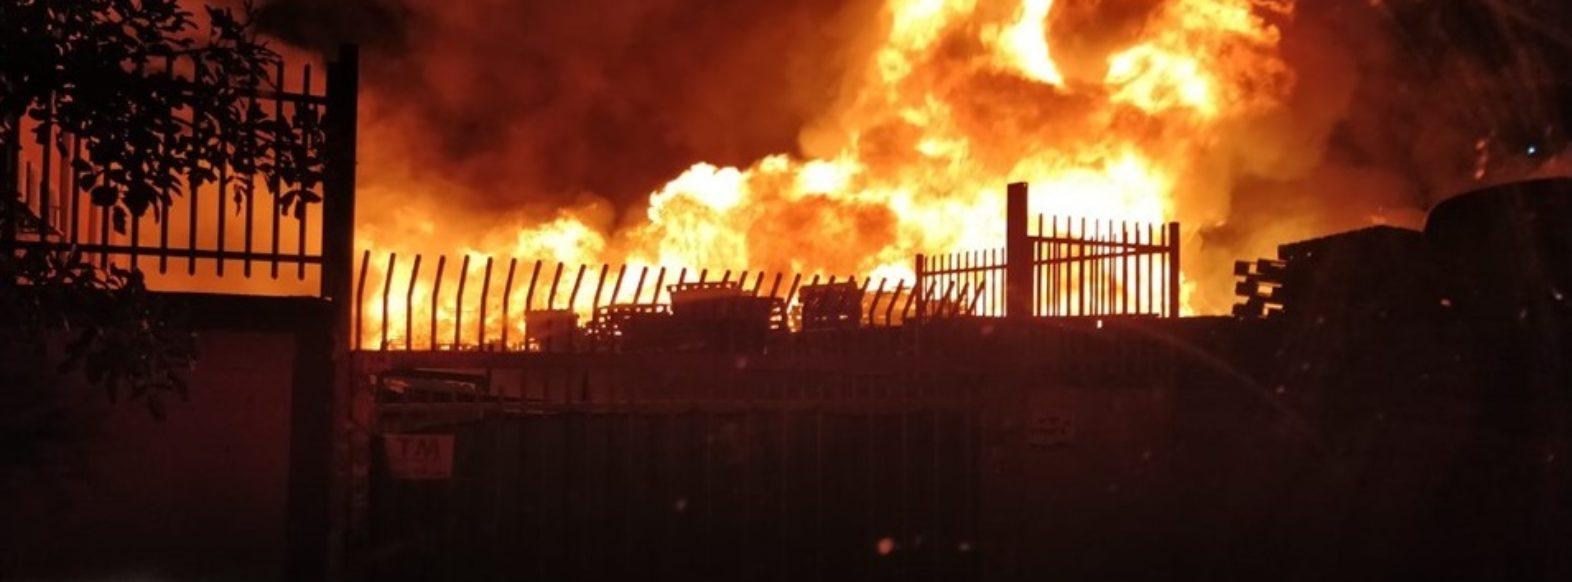 שריפה במפרץ, בית עסק למשטחי עצים עלה באש